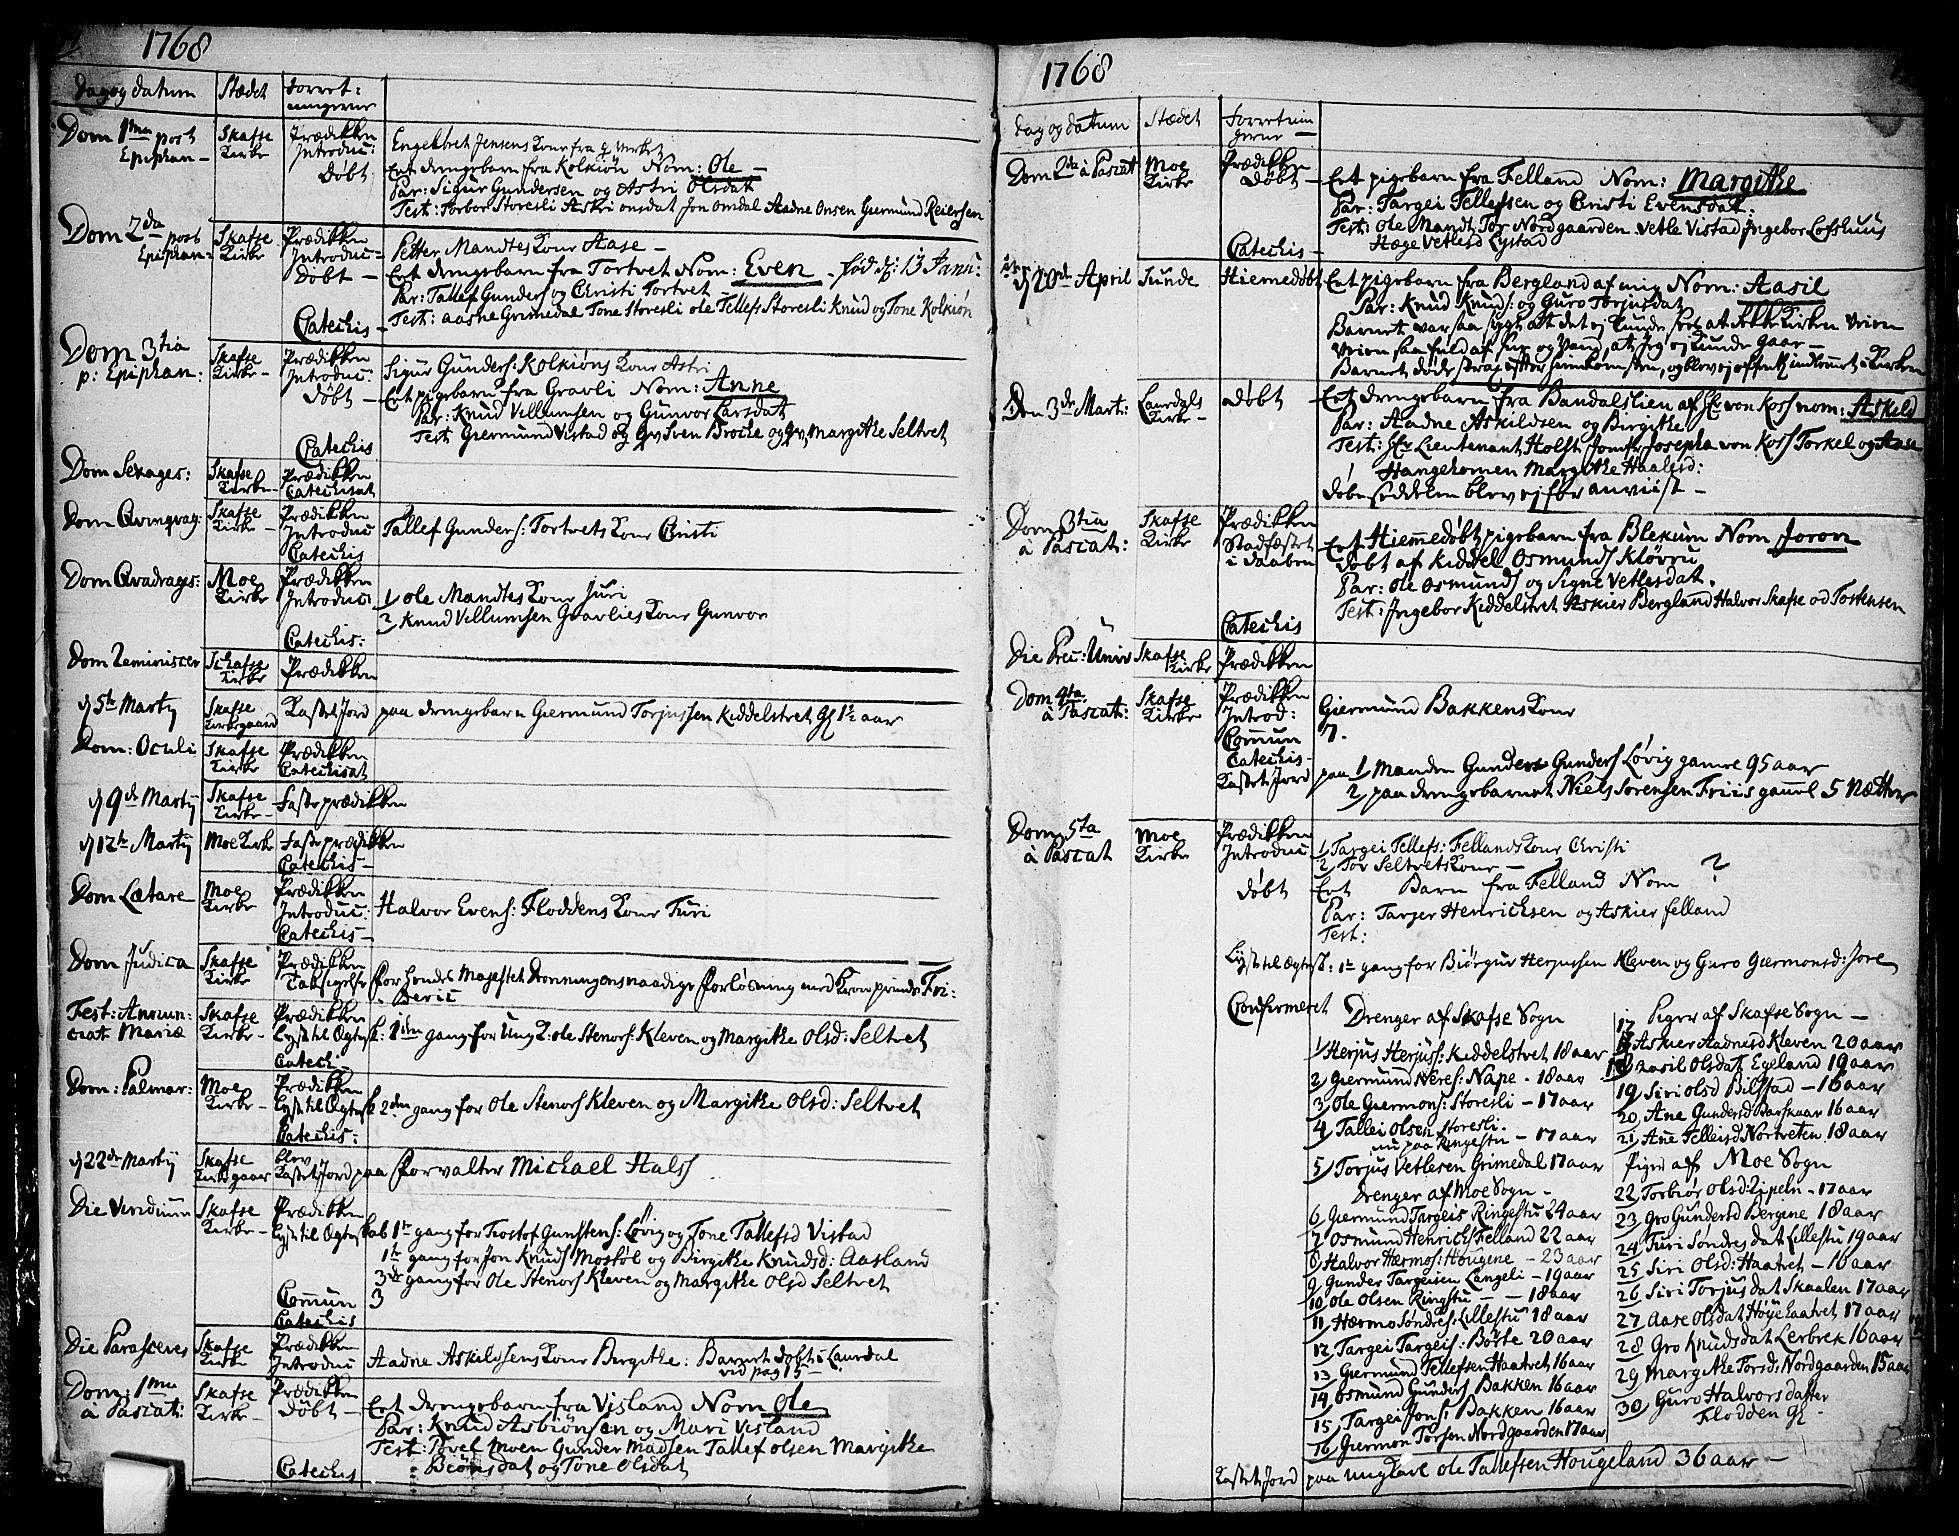 SAKO, Mo kirkebøker, F/Fa/L0002: Ministerialbok nr. I 2, 1766-1799, s. 14-15